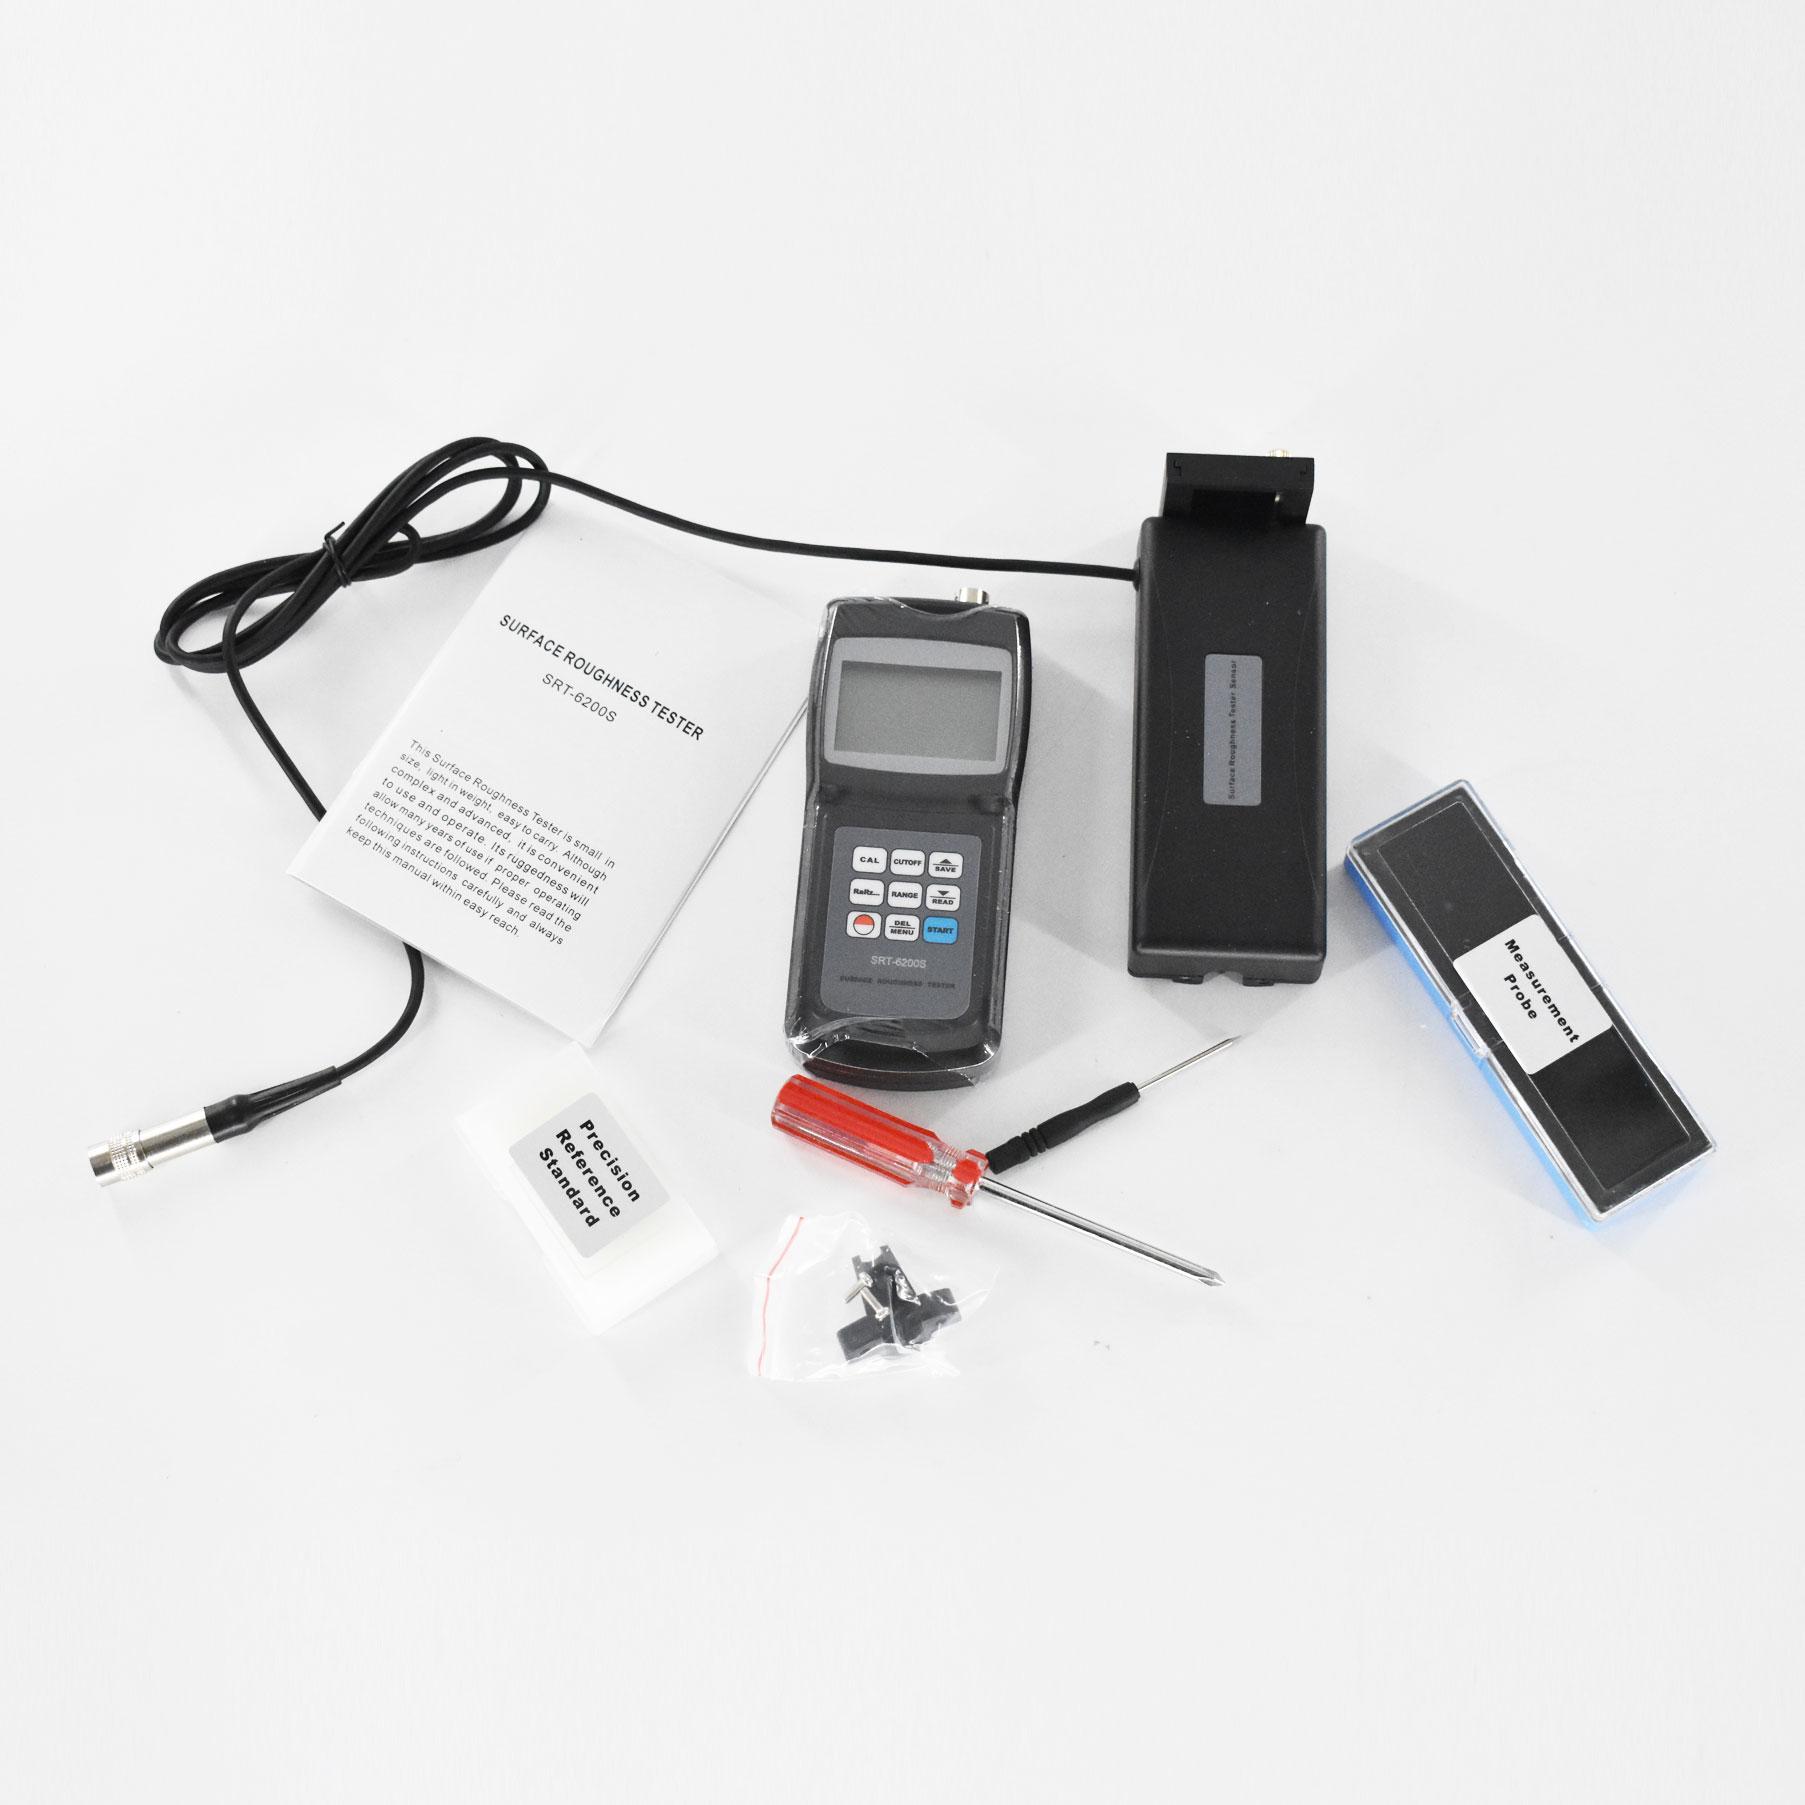 مقياس خشونة السطح المتطور للغاية SRT-6200S يستخدم على نطاق واسع في الأجزاء المصنعة للآلات